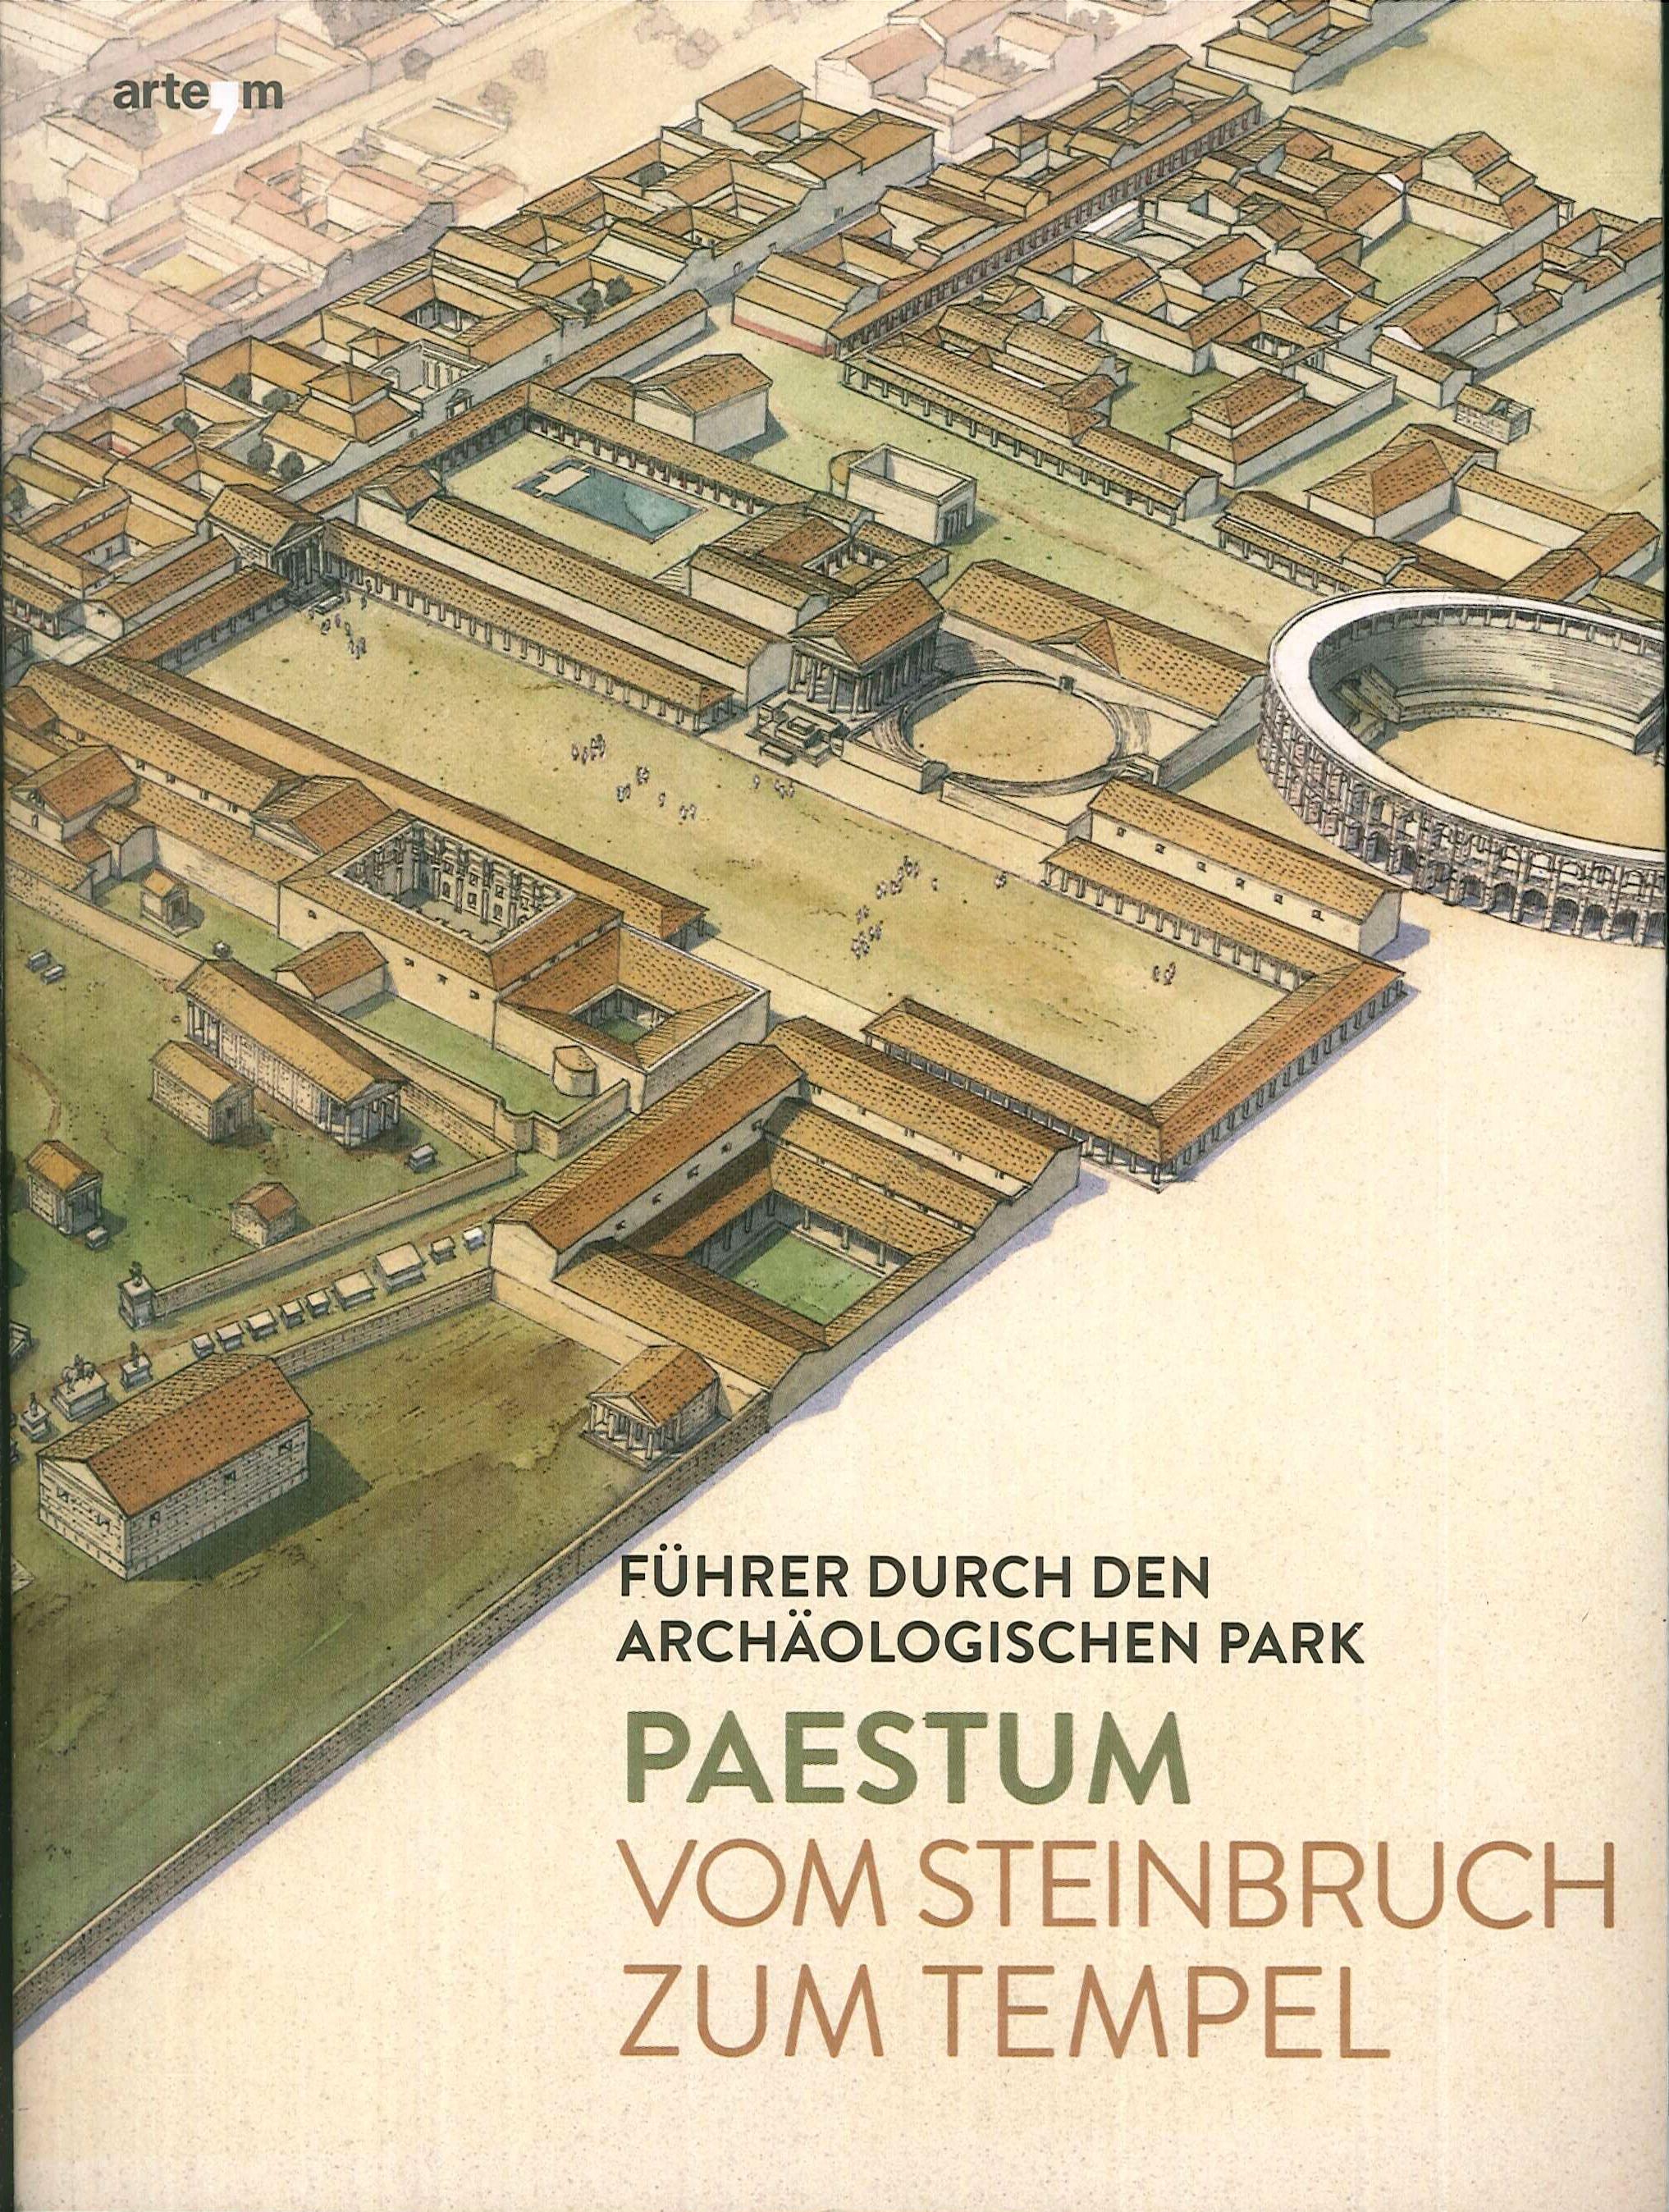 Paestum. Von steinbruch zum tempel. Fuhrer durch del archaologischen park